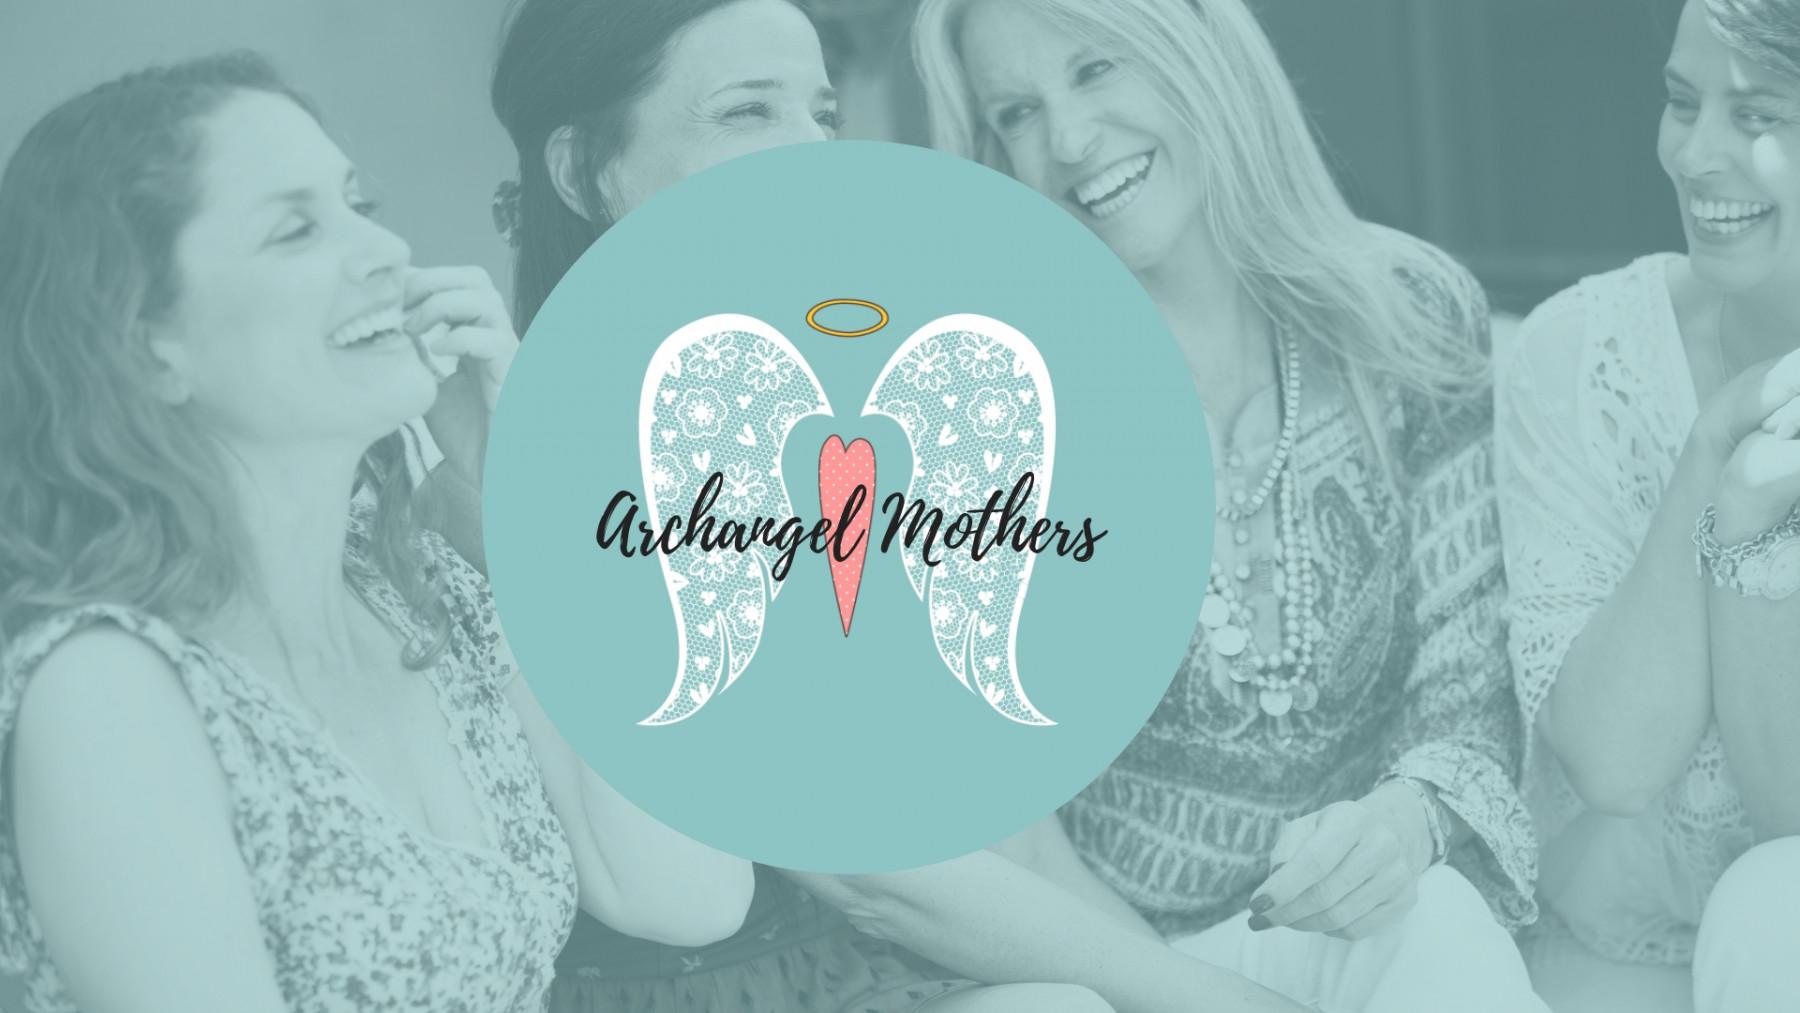 Meeting - Archangel Mothers